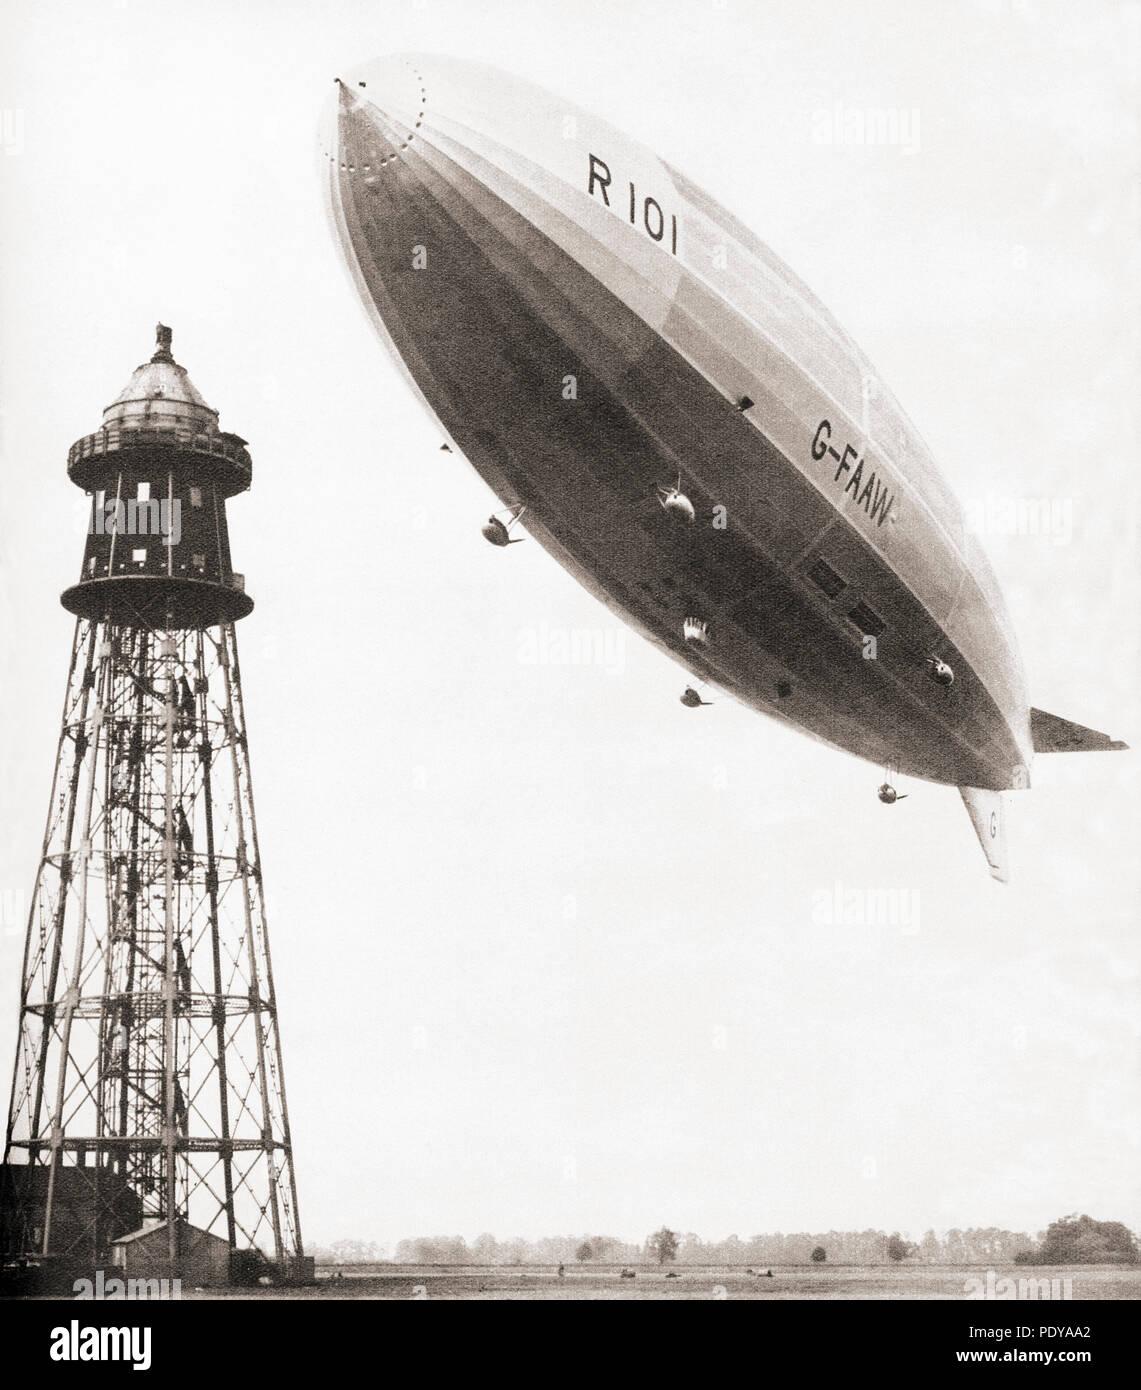 Il volo finale del British dirigibile rigido R101 che si è schiantato durante cattive condizioni meteorologiche in Francia nel 1930. 48 delle 54 persone a bordo perirono nell'incidente. Da questi straordinari anni, pubblicato in 1938. Immagini Stock